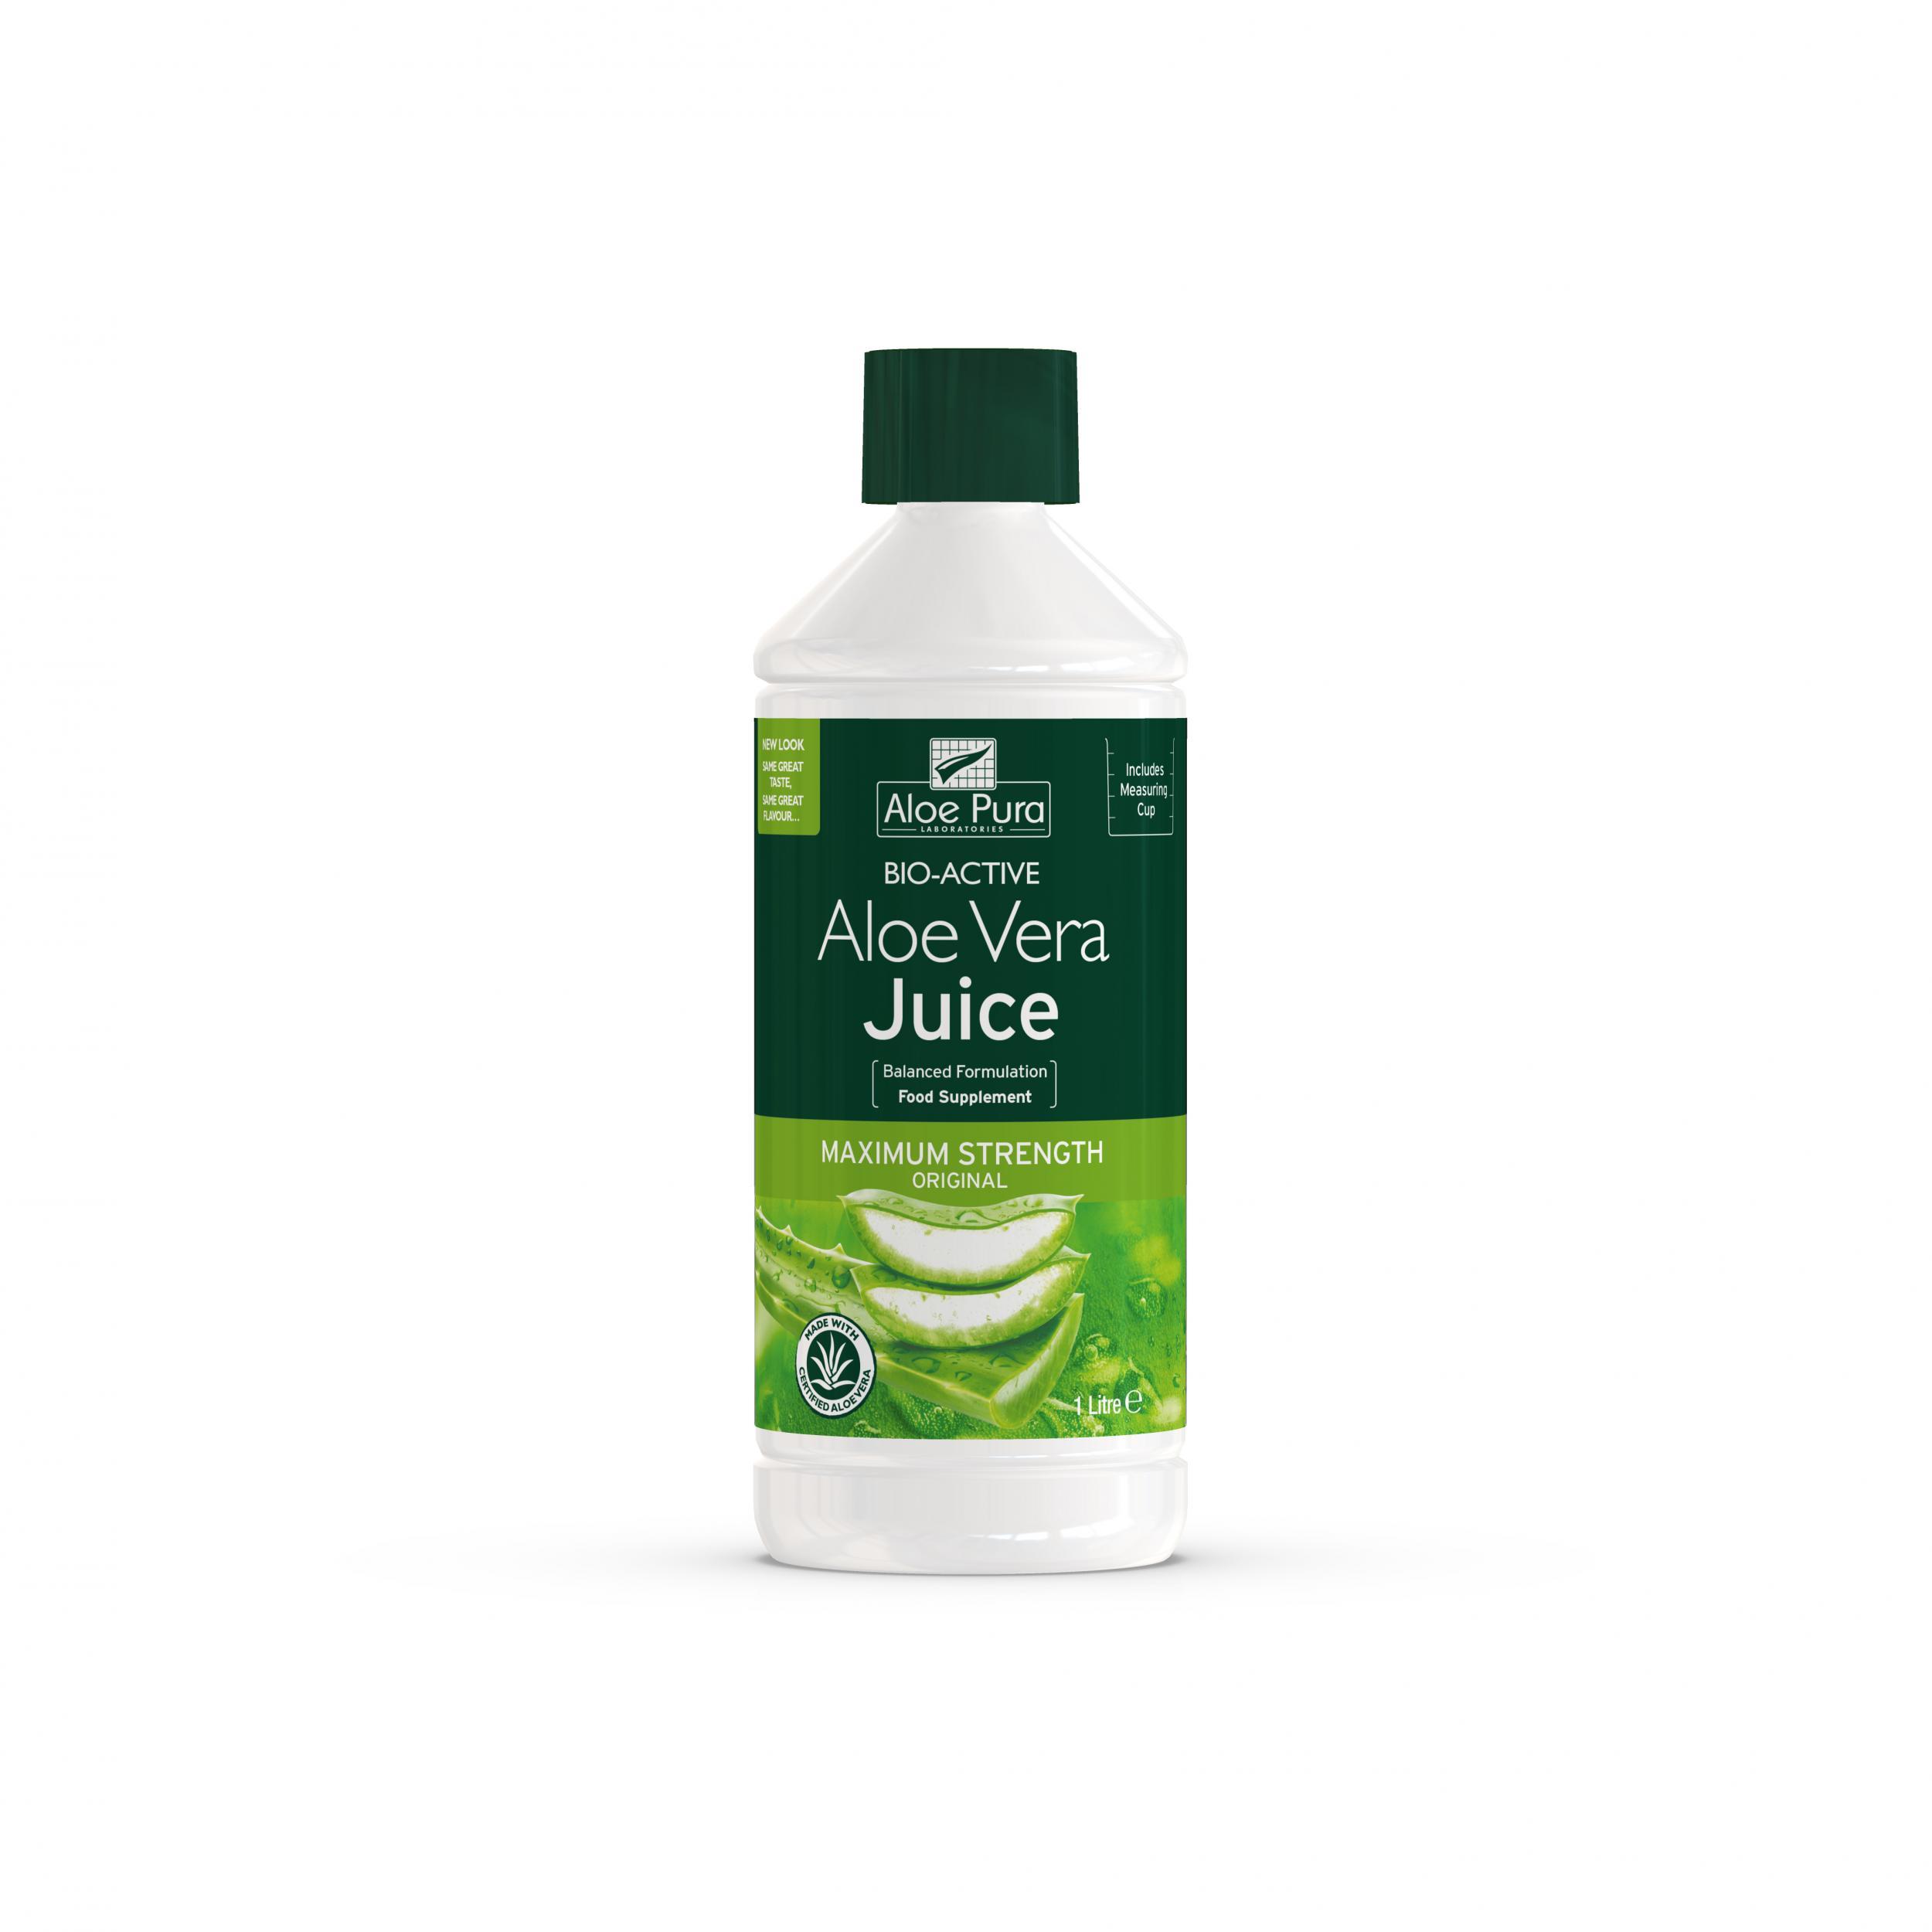 Aloe Vera Juice Maximum Strength Original 1ltr